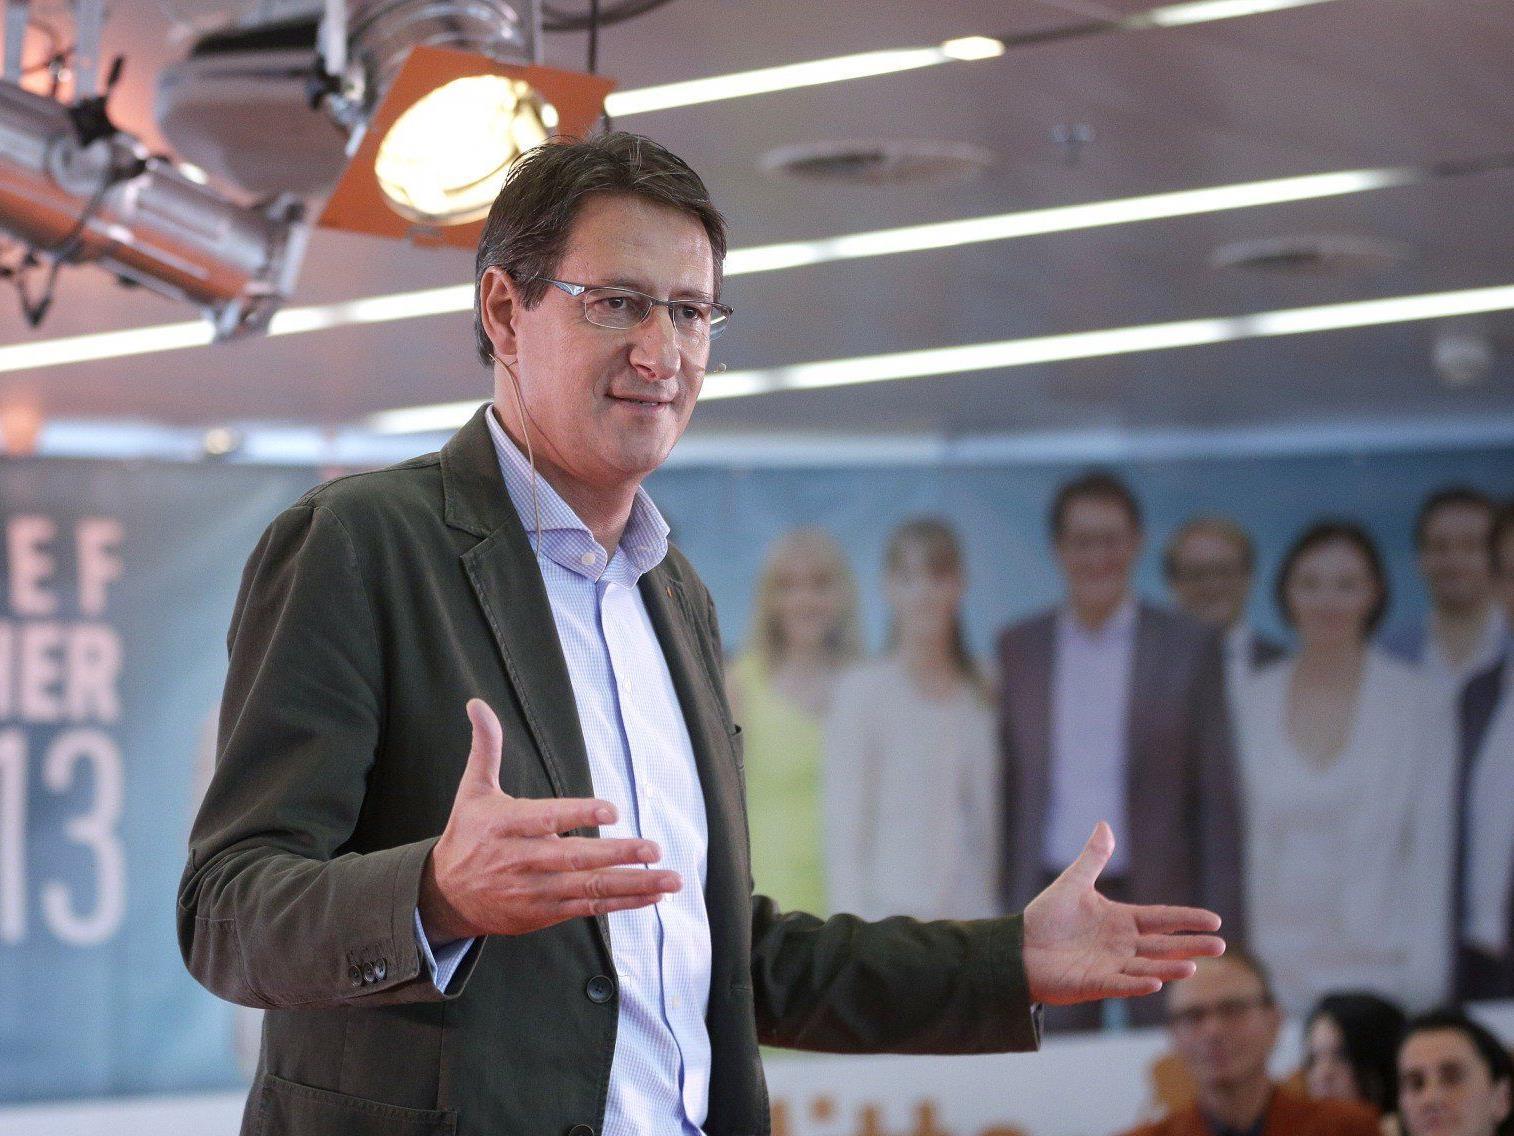 BZÖ-Obmann Josef Bucher geht zurversichtlich in die Nationalratswahl 2013.